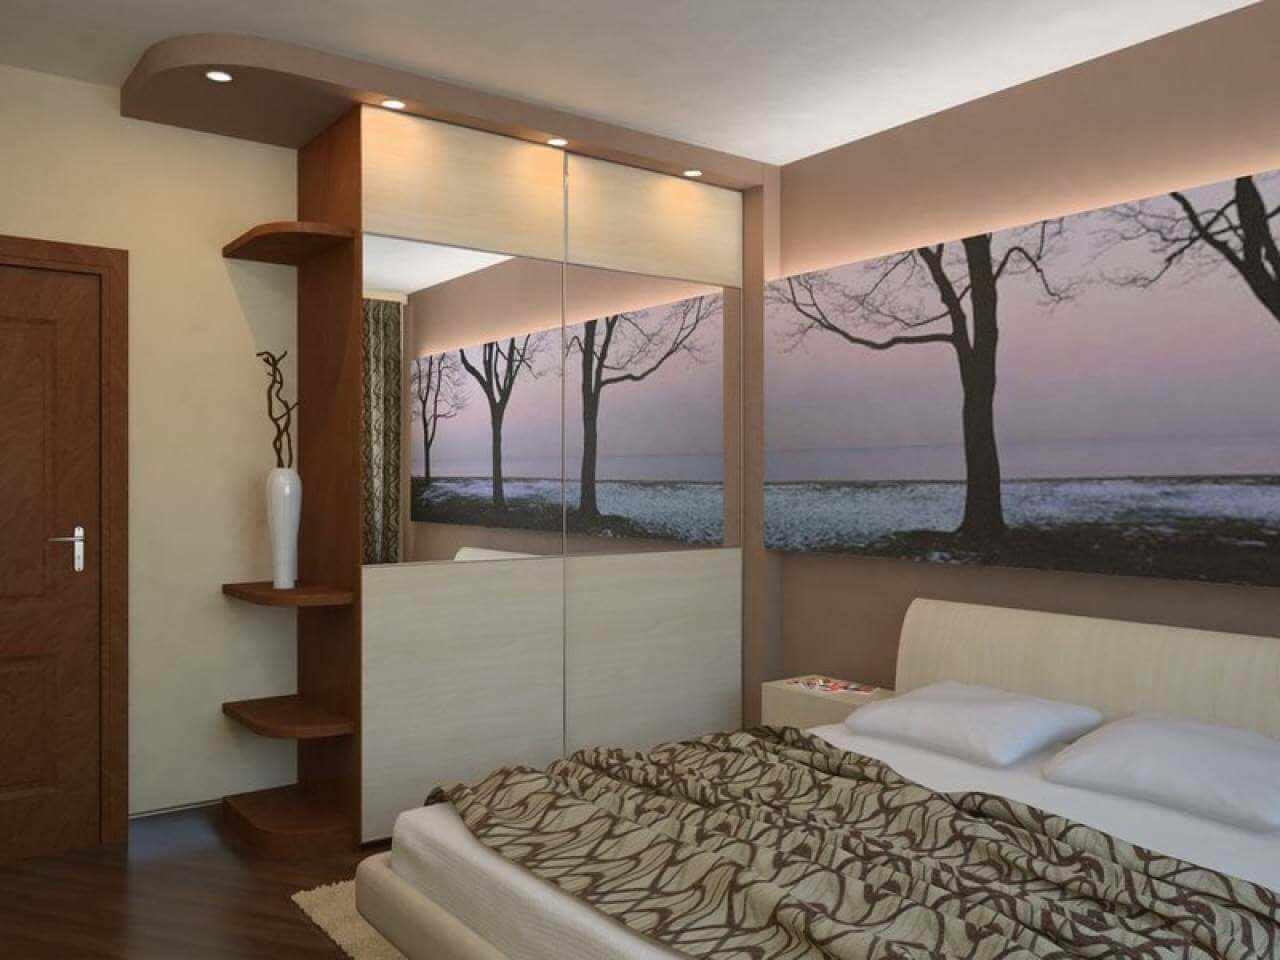 Ремонт в спальной комнате своими руками фото